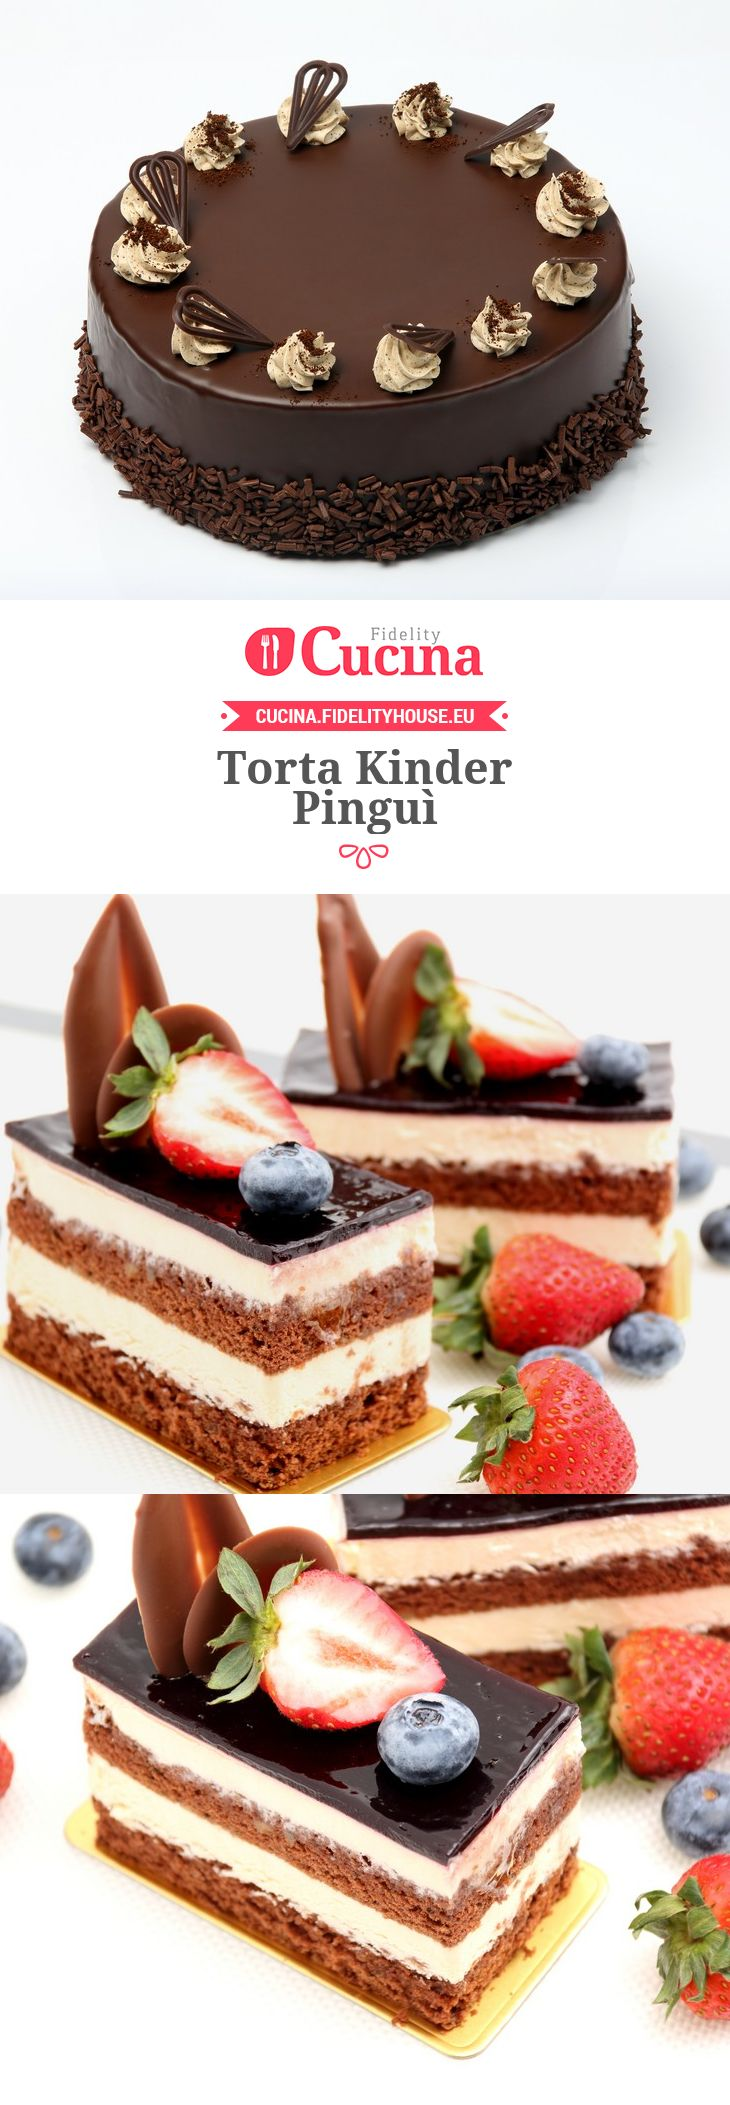 Torta Kinder Pinguì